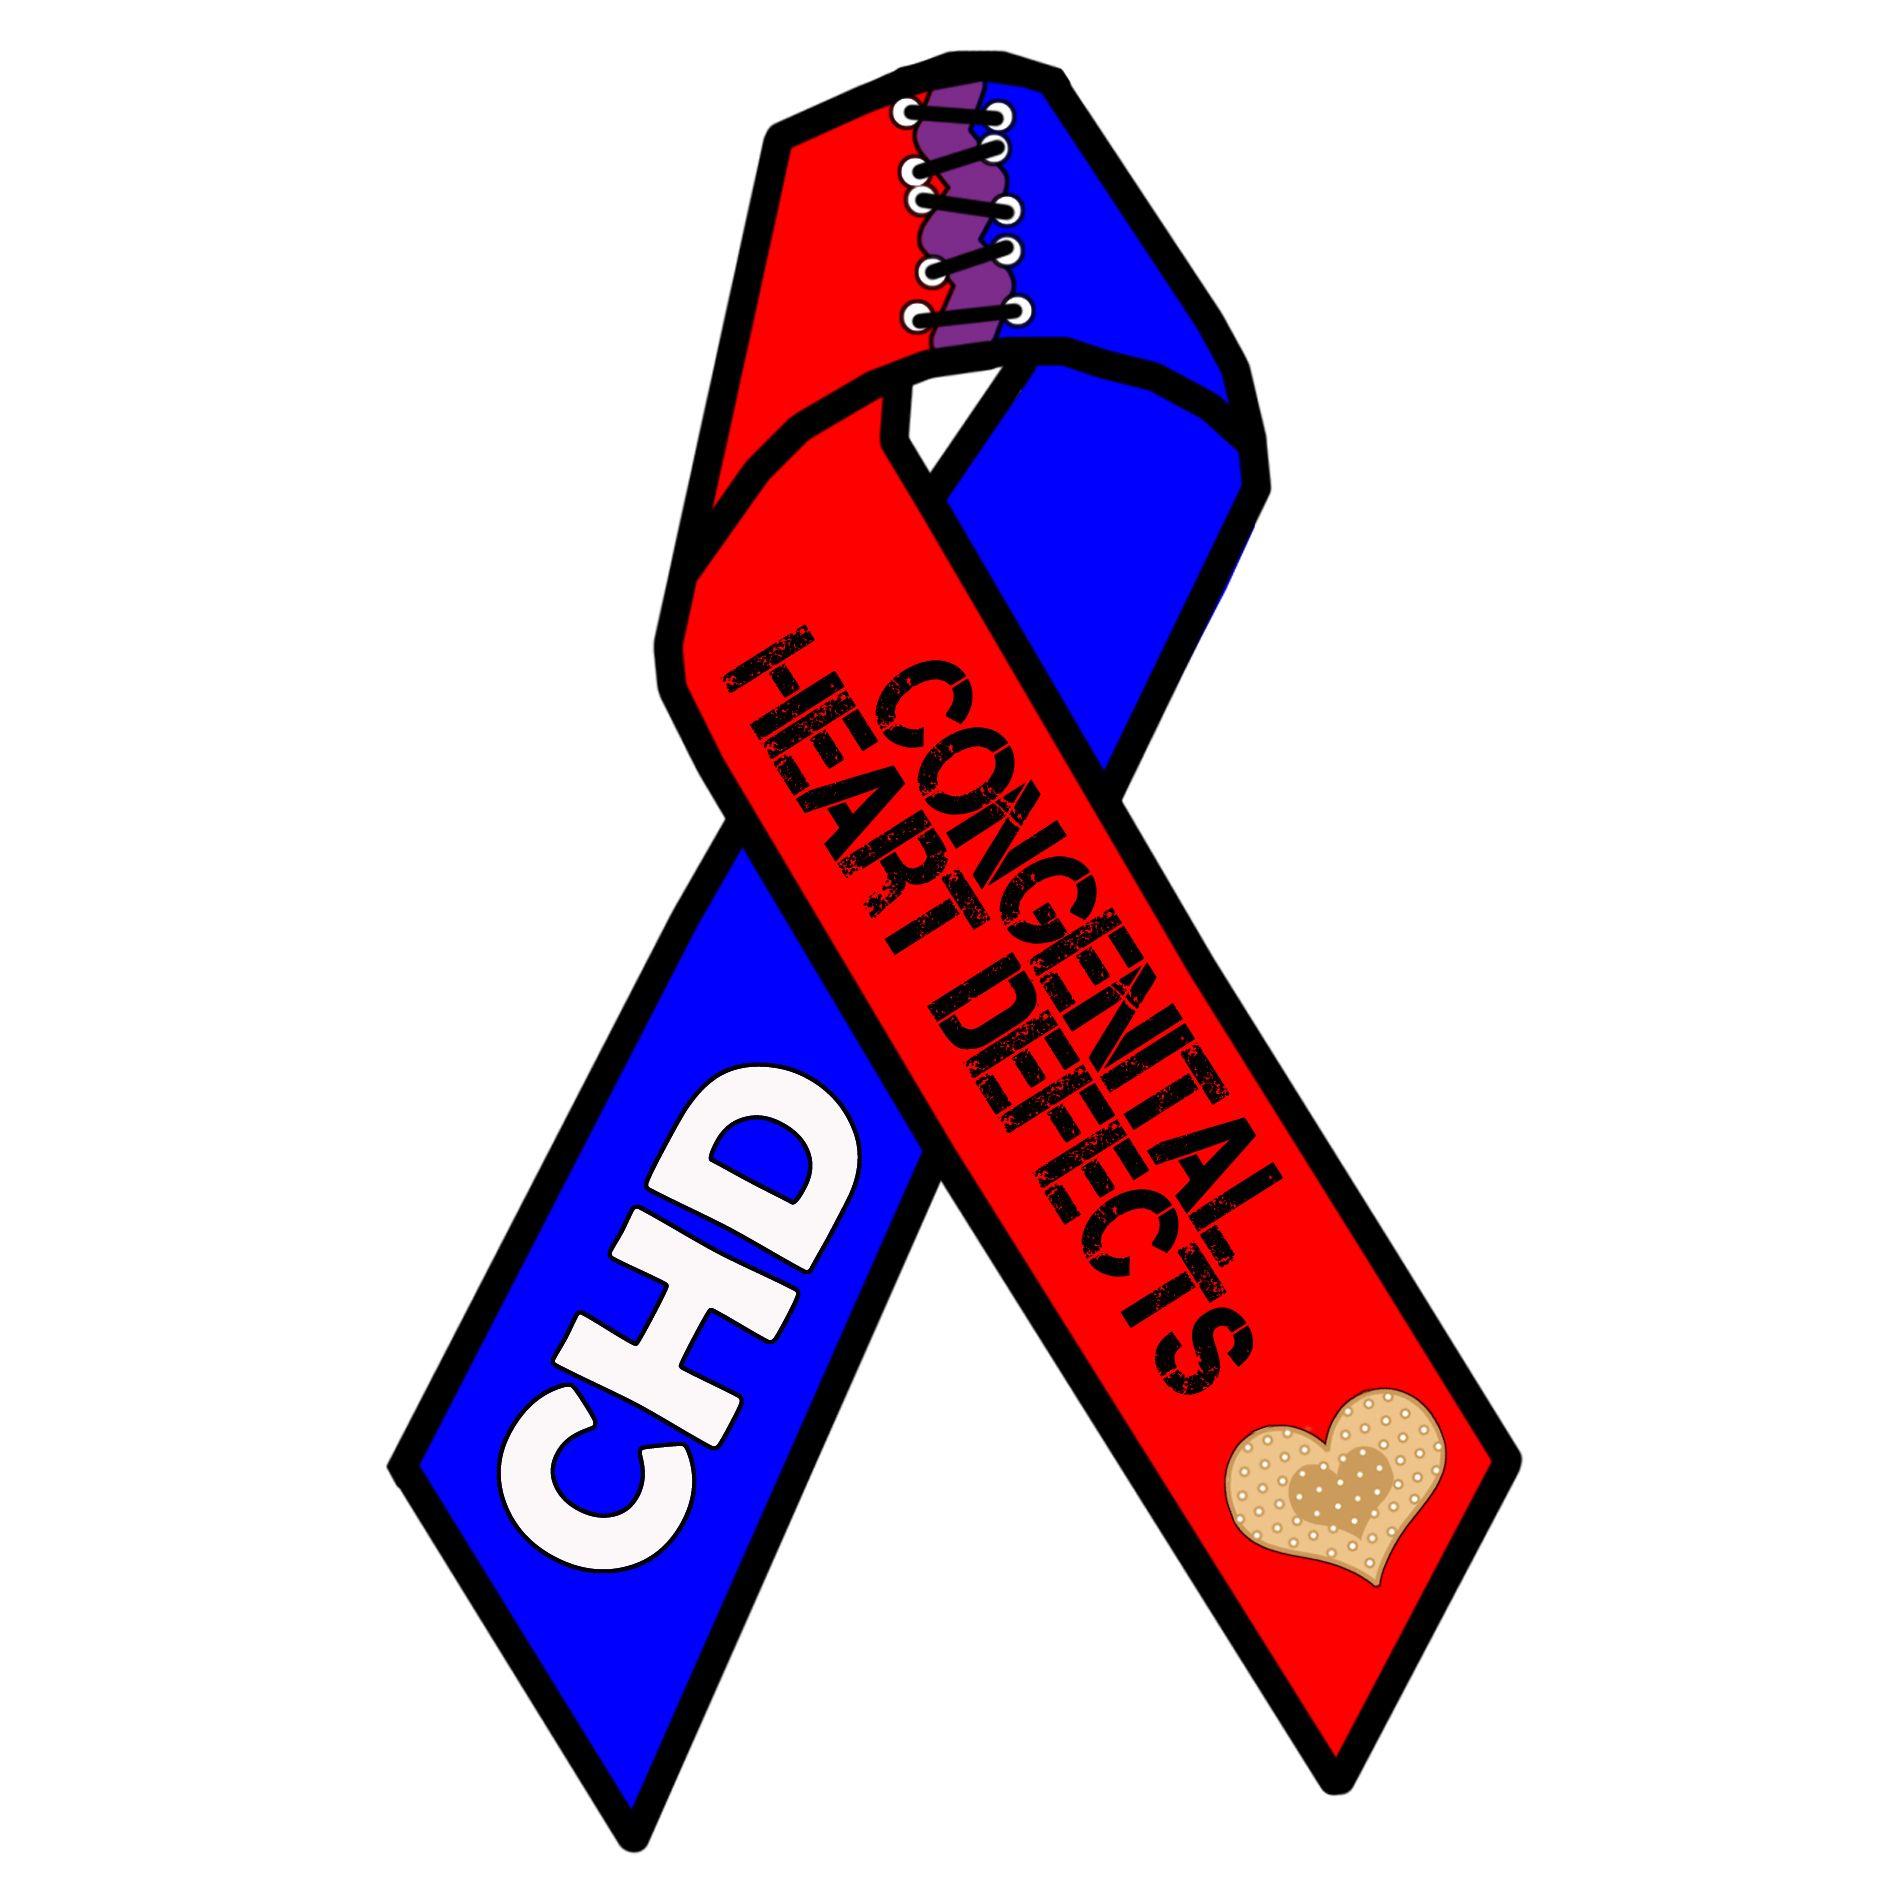 Iheartemilia Chd Awareness Ribbon